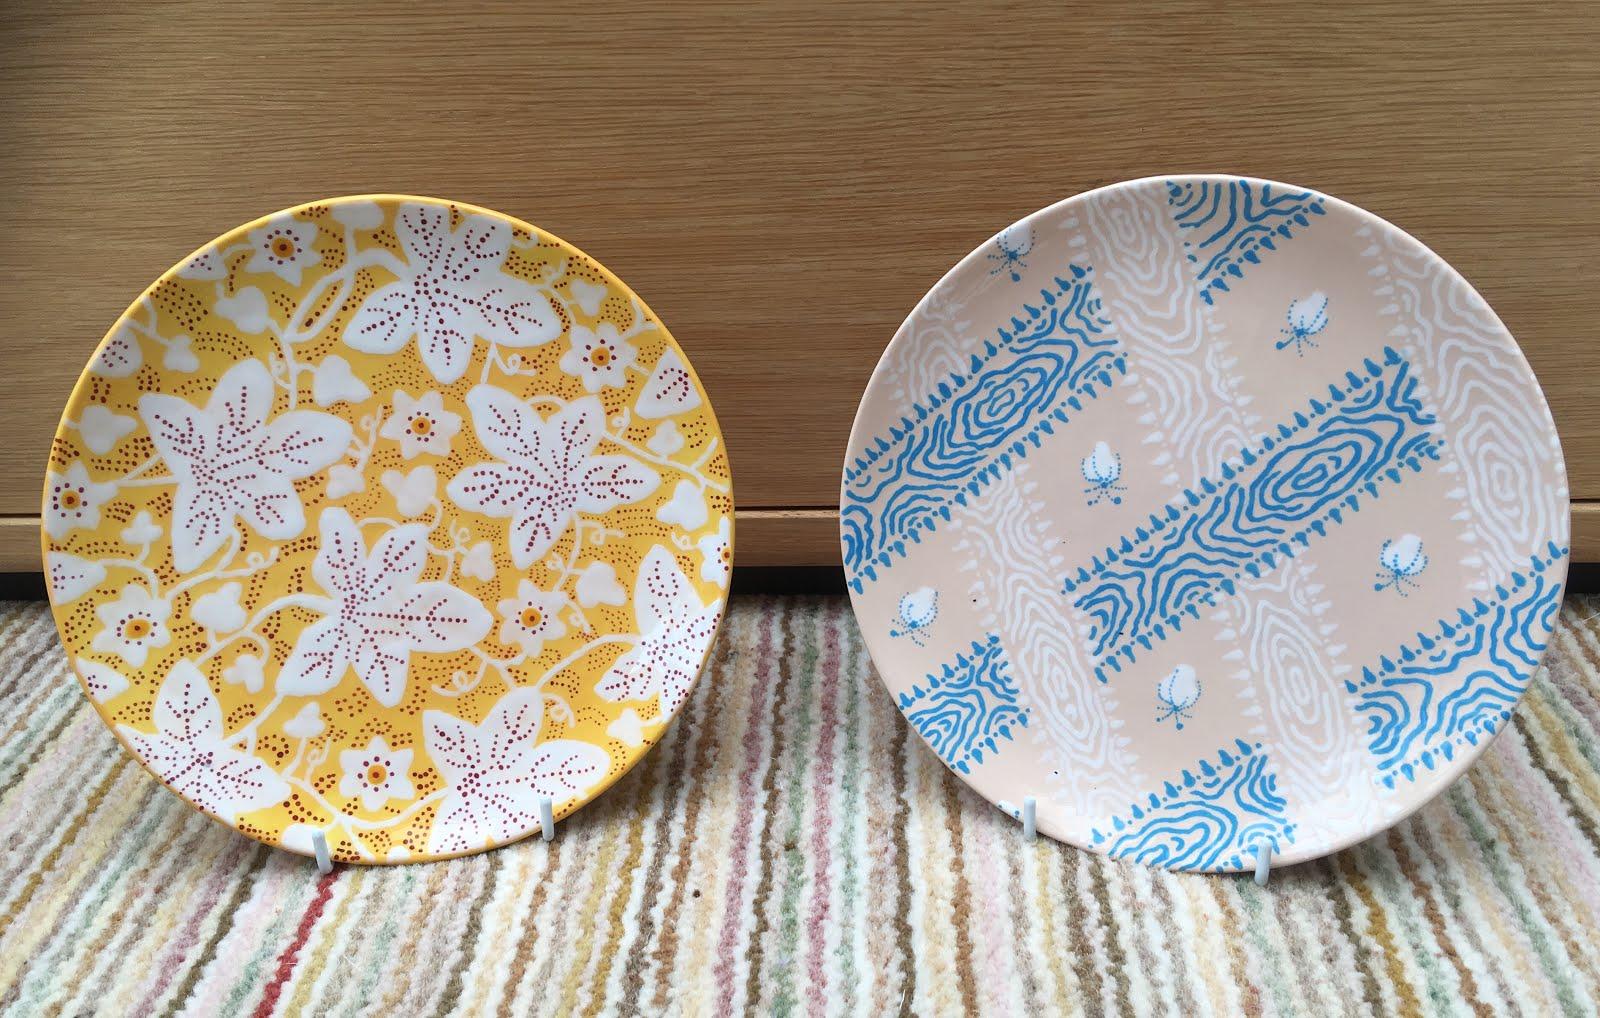 Jane Austen Plates